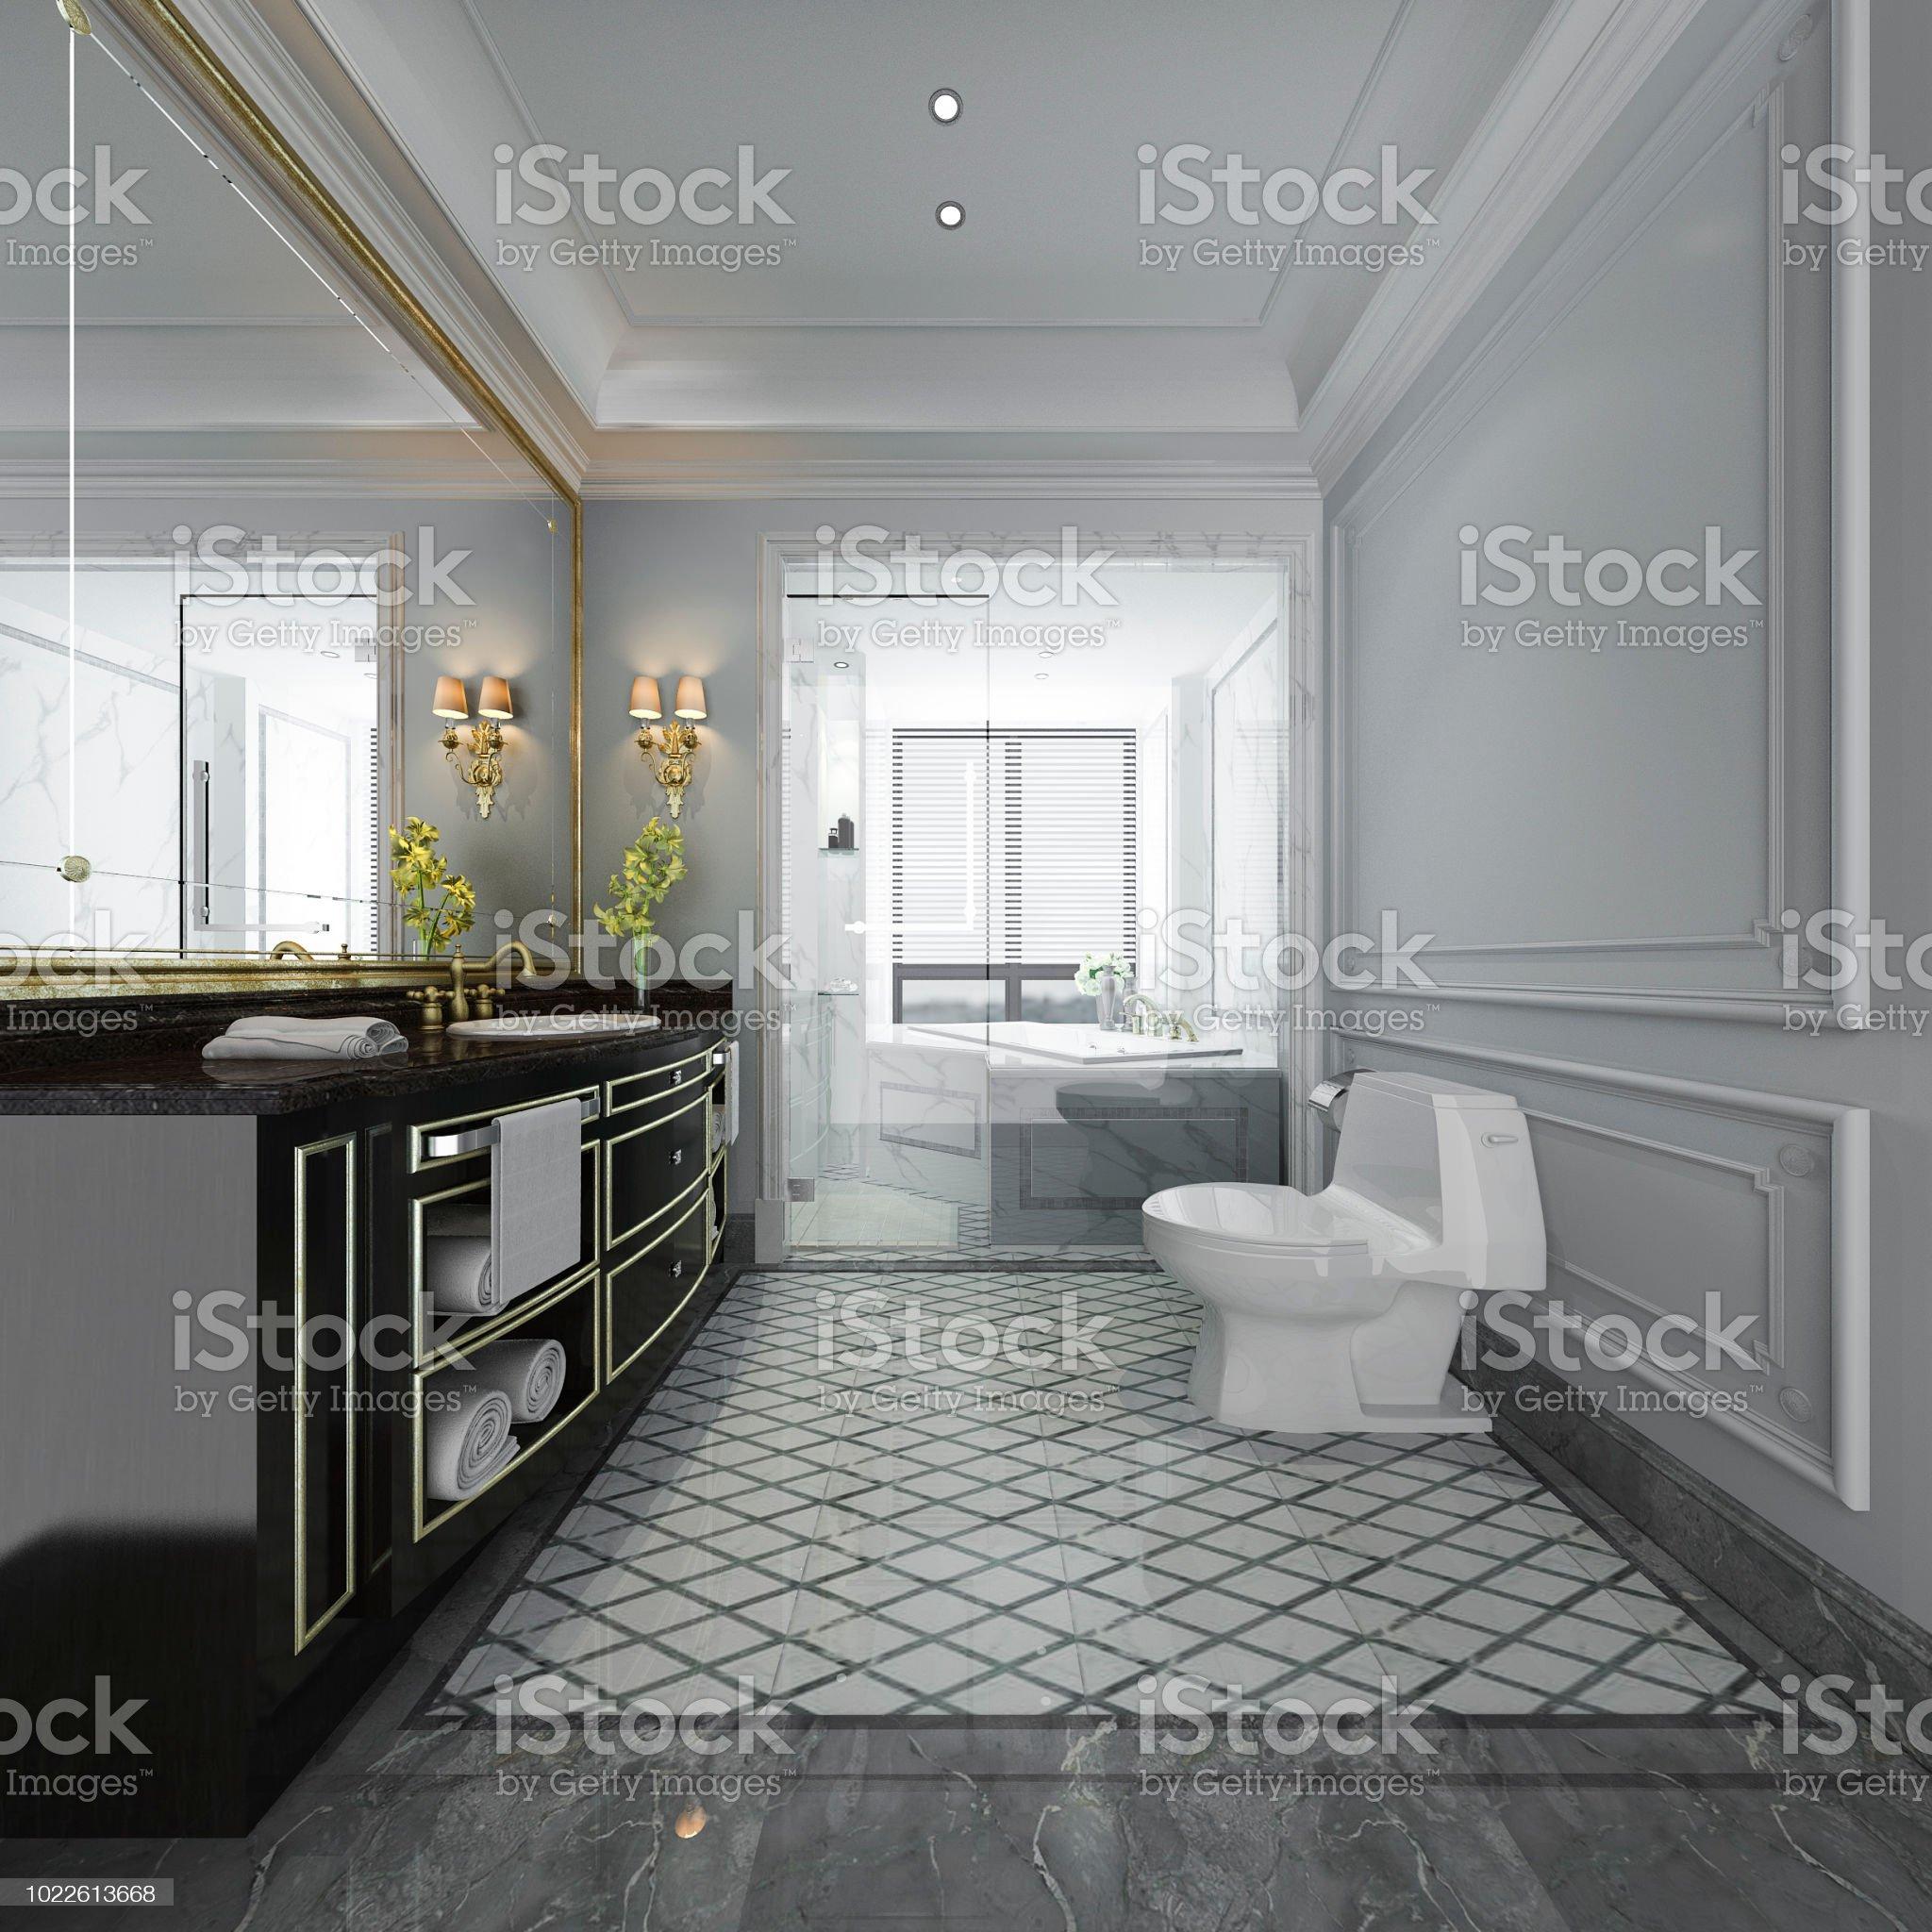 Imagen de Aseo y baño de diseño moderno de lujo de ...